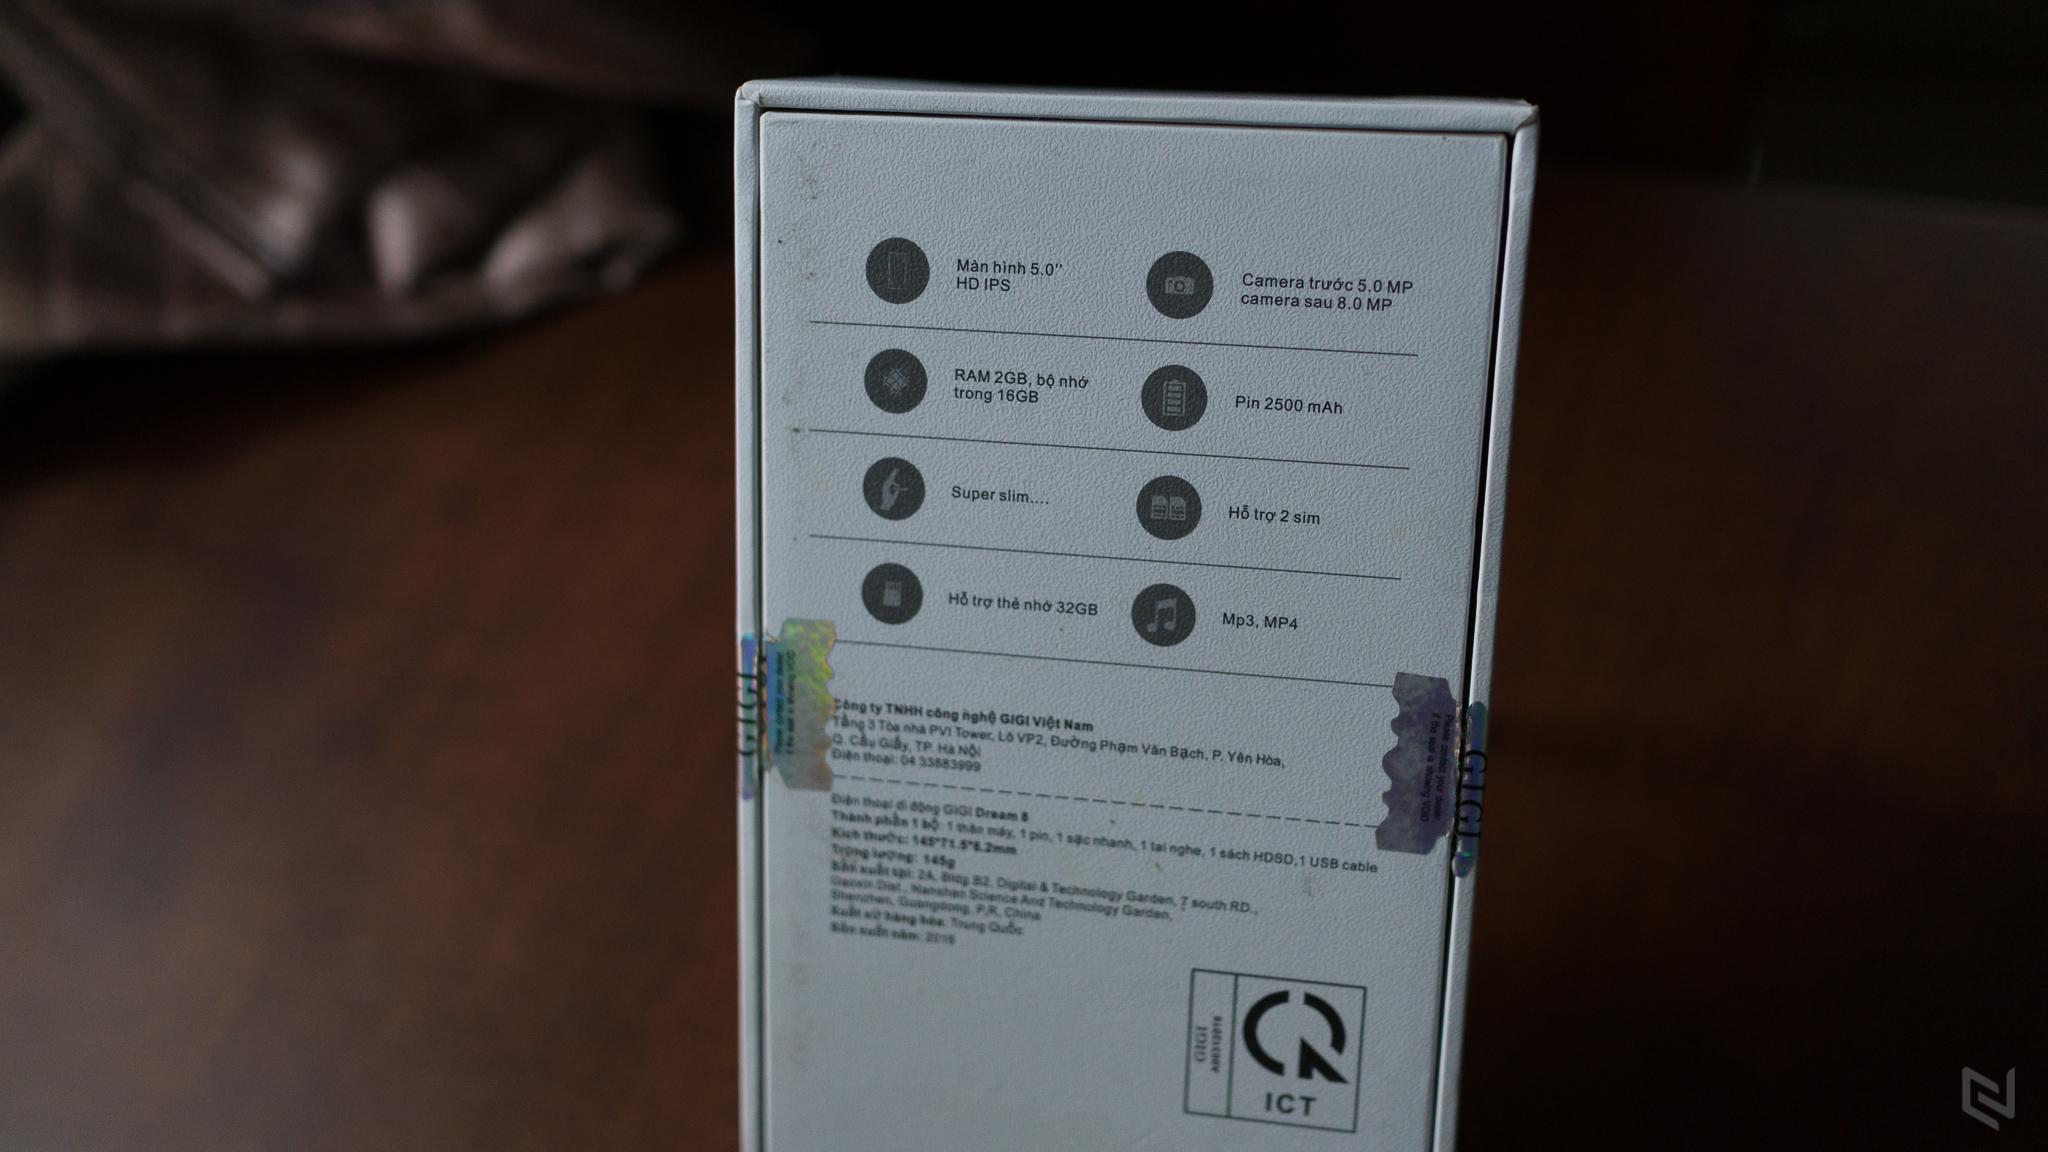 Hộp máy vẫn giữ kiểu thiết kế như Dream 7, đơn giản nhưng sang trọng